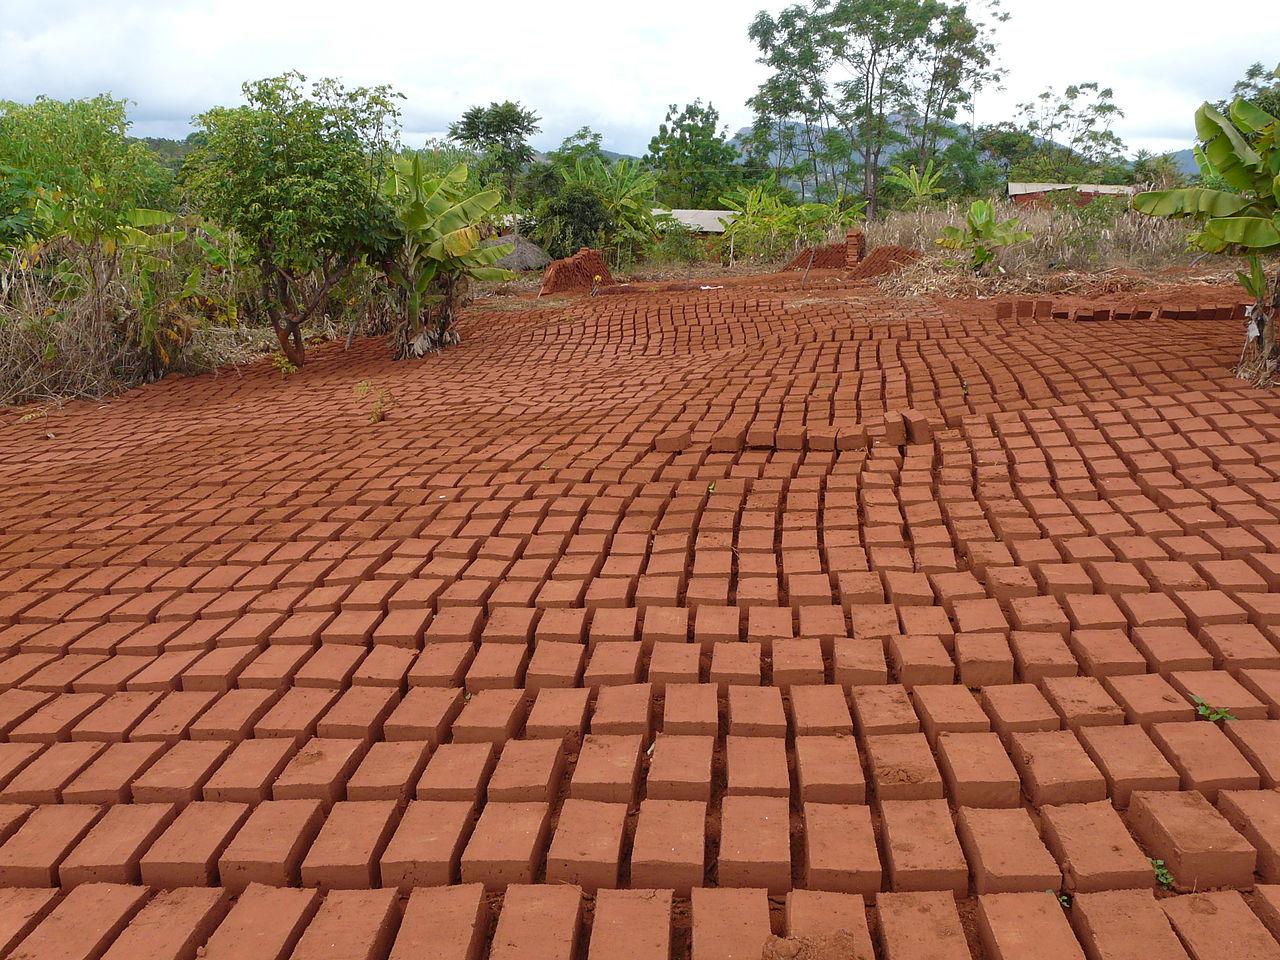 А вот так выглядит производство кирпича в Танзании